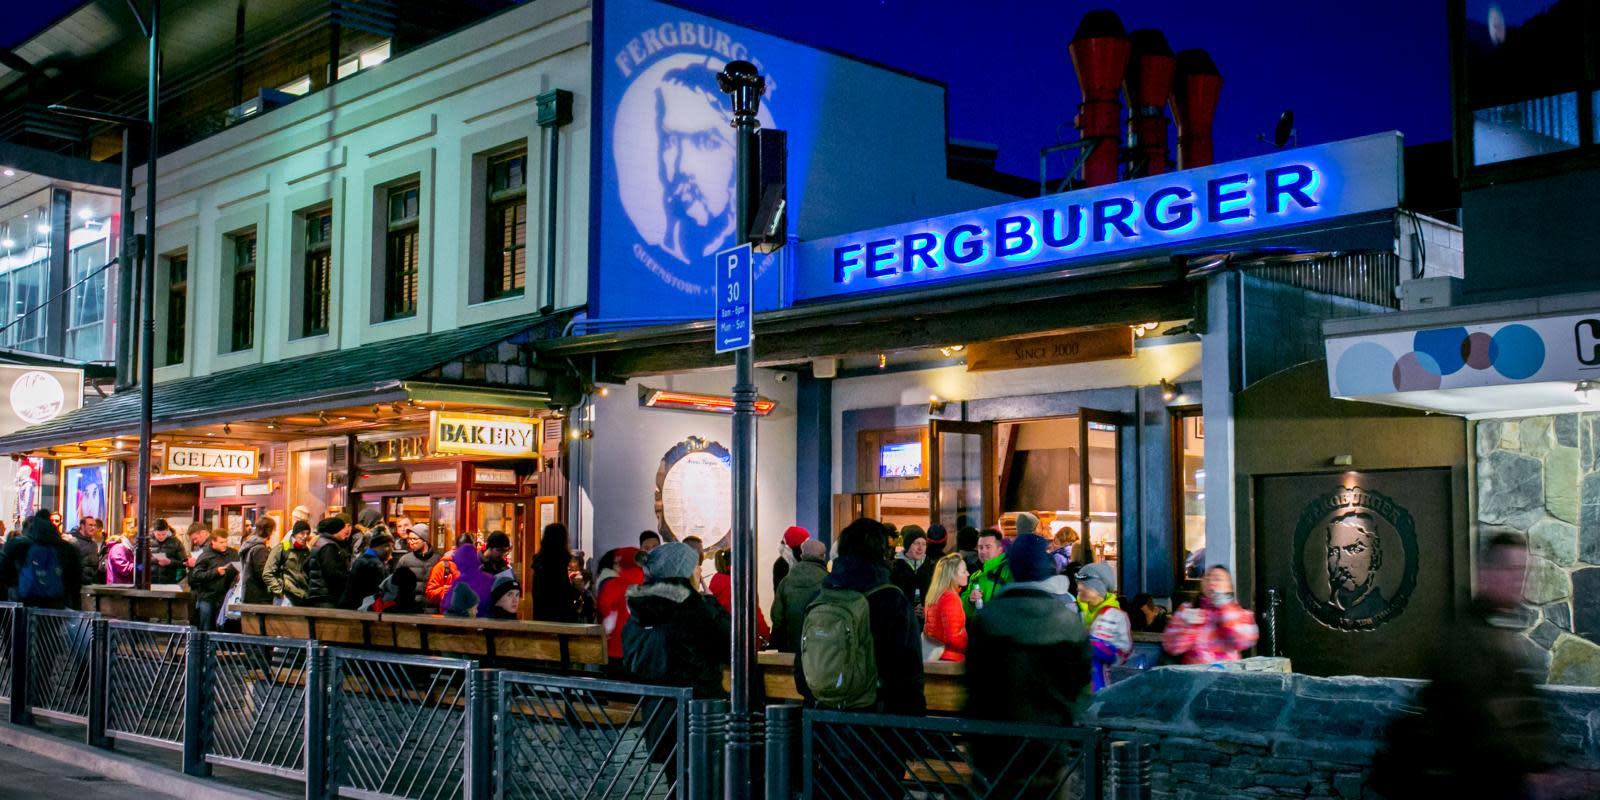 Fergburger at night